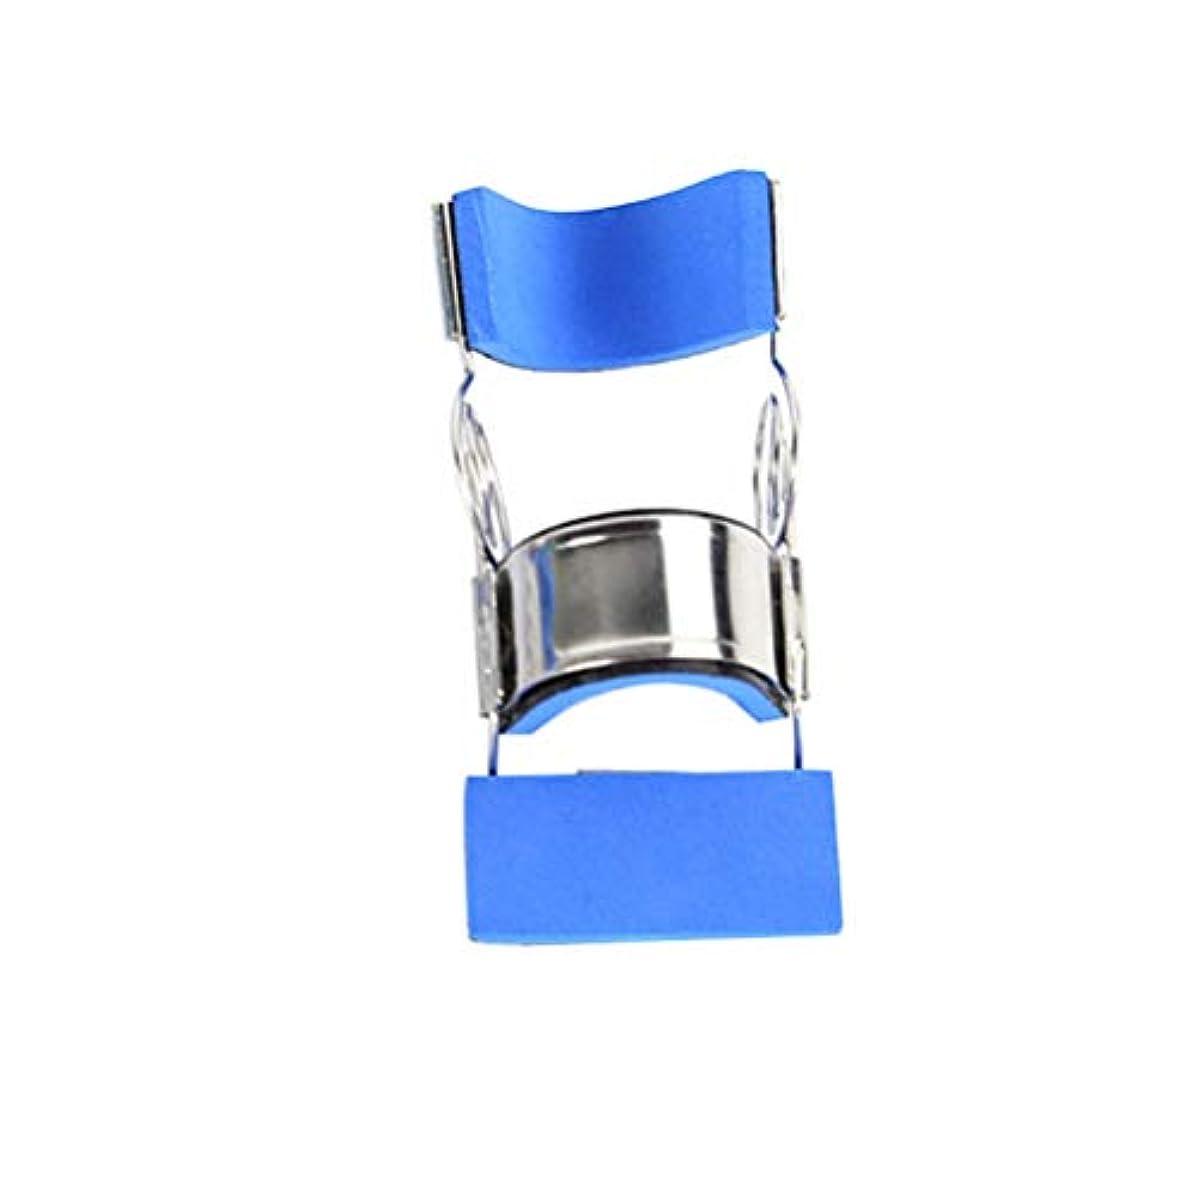 許されるフクロウカヌーHealifty ステンレス鋼指の添え木可動式まっすぐ指保護スリーブサイズL